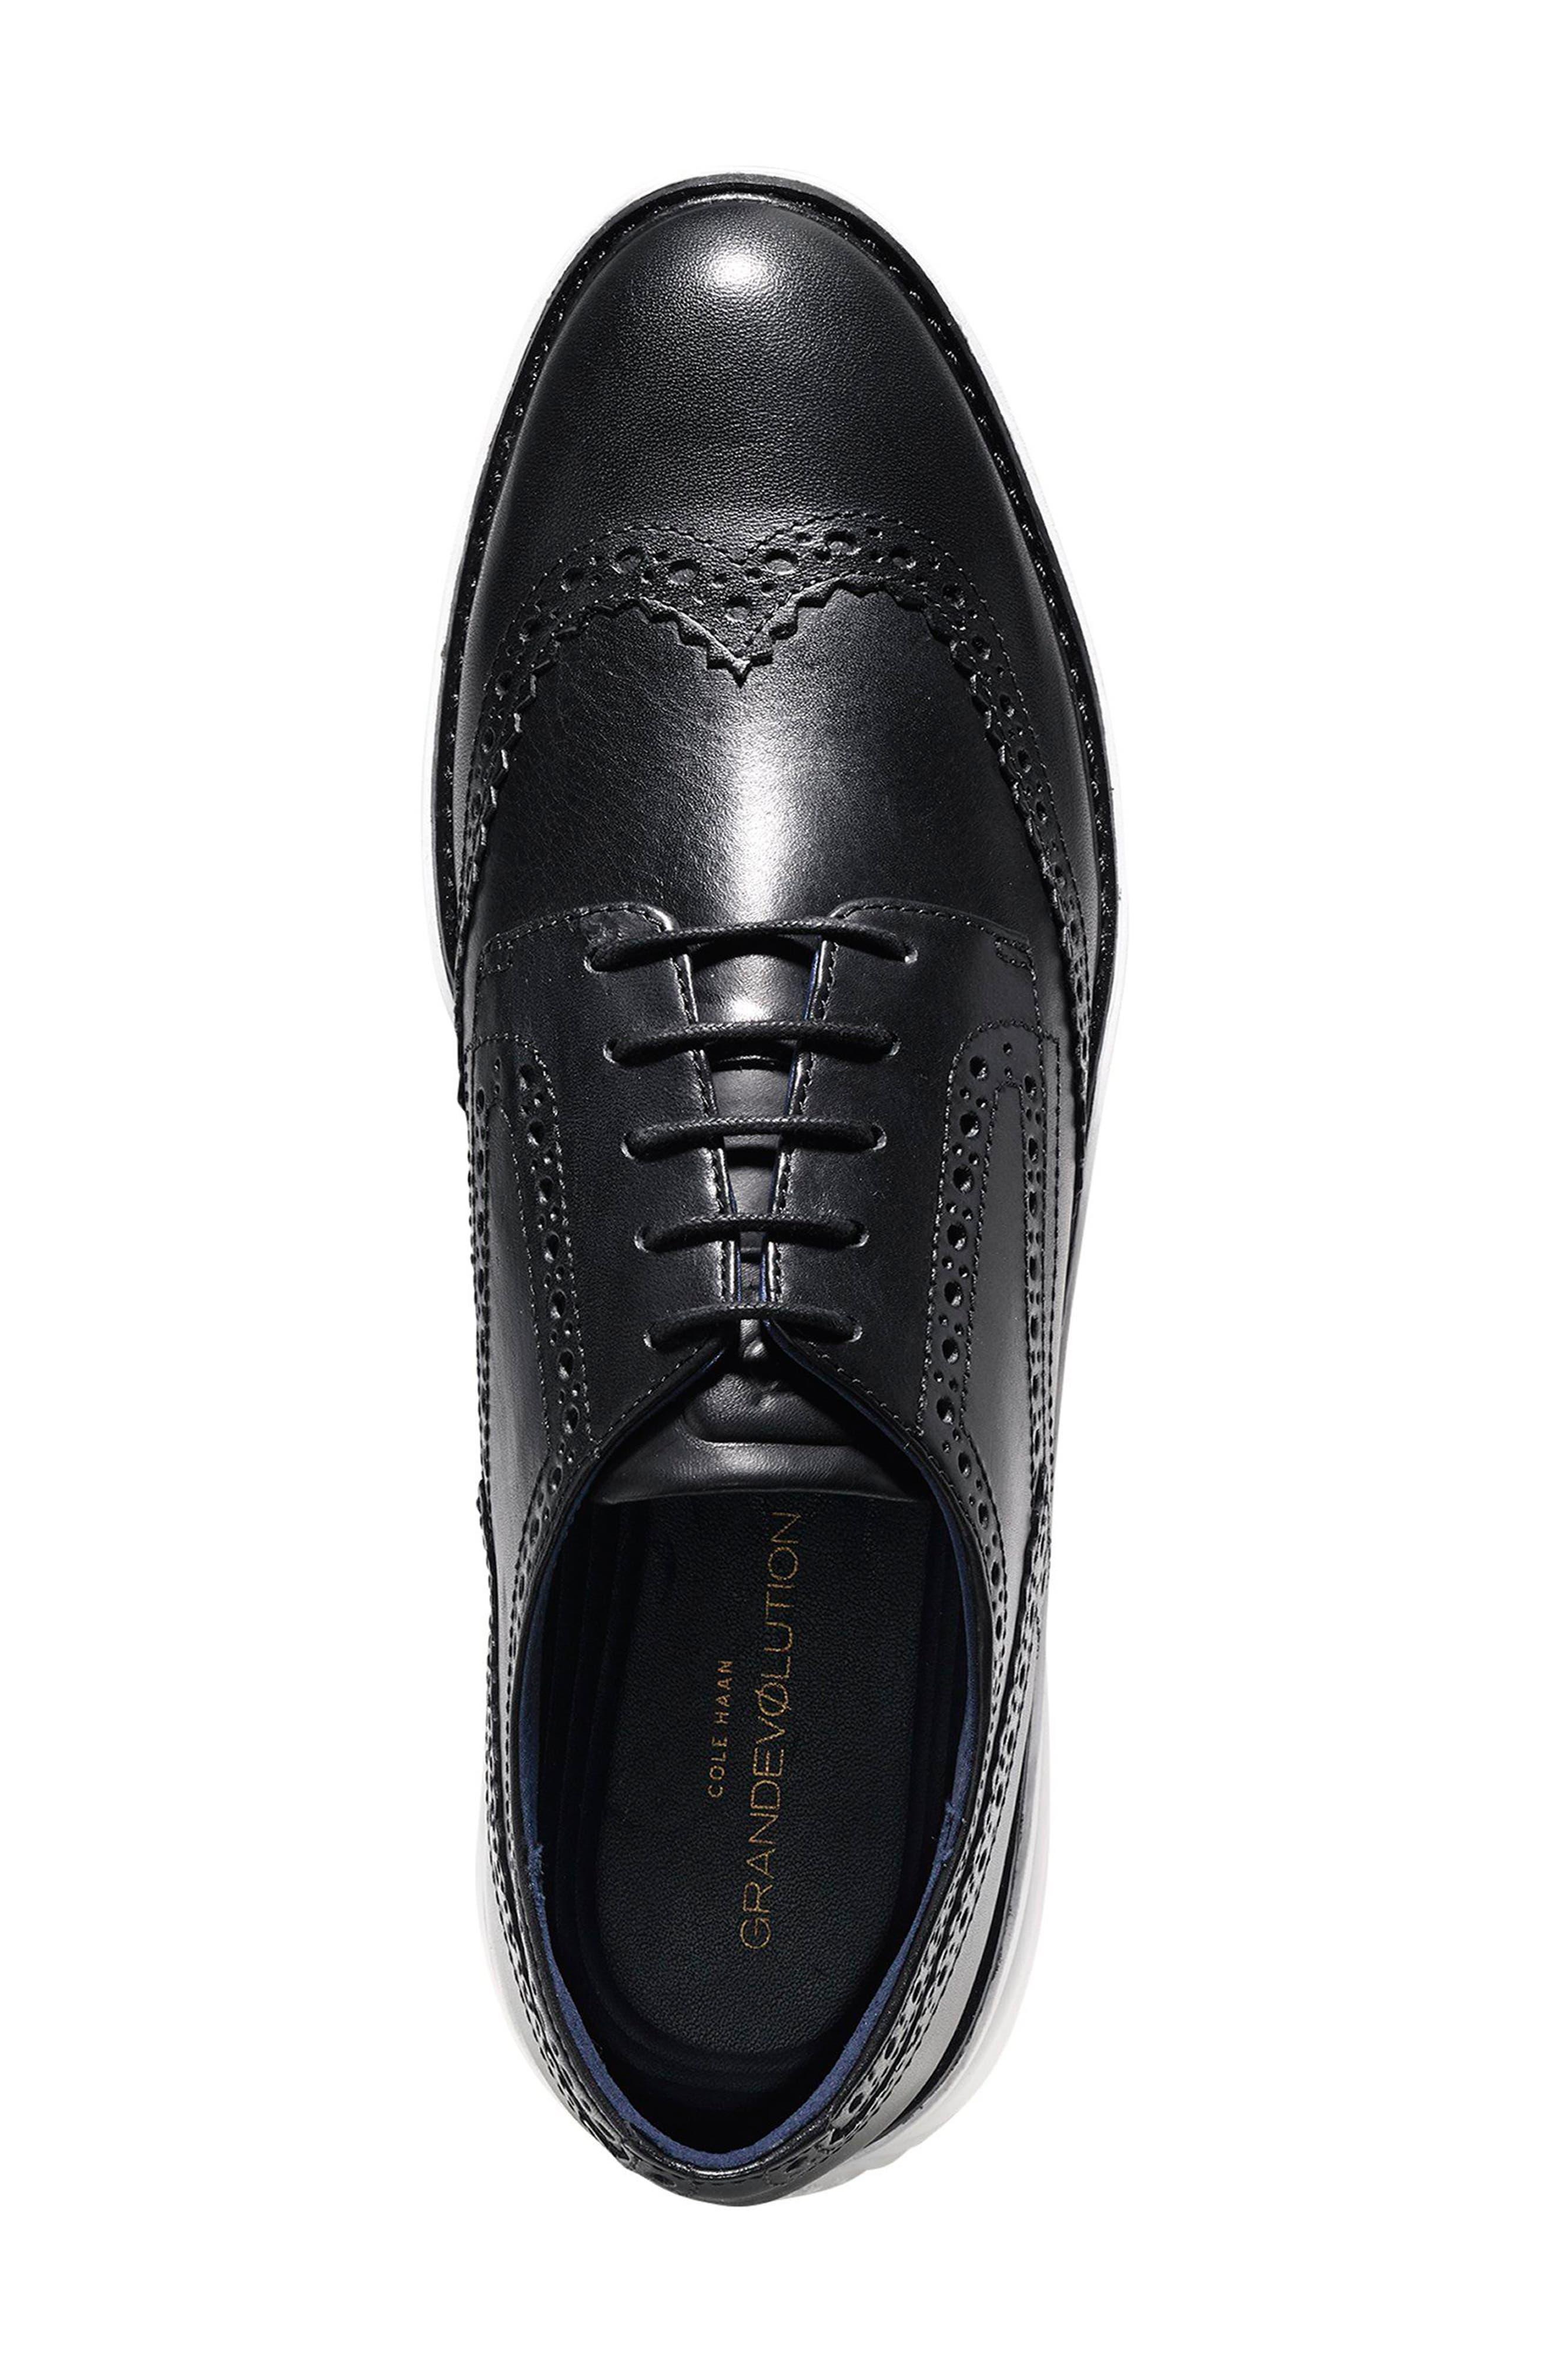 Gradevolution Oxford Sneaker,                             Alternate thumbnail 4, color,                             Black/ Optic White Leather